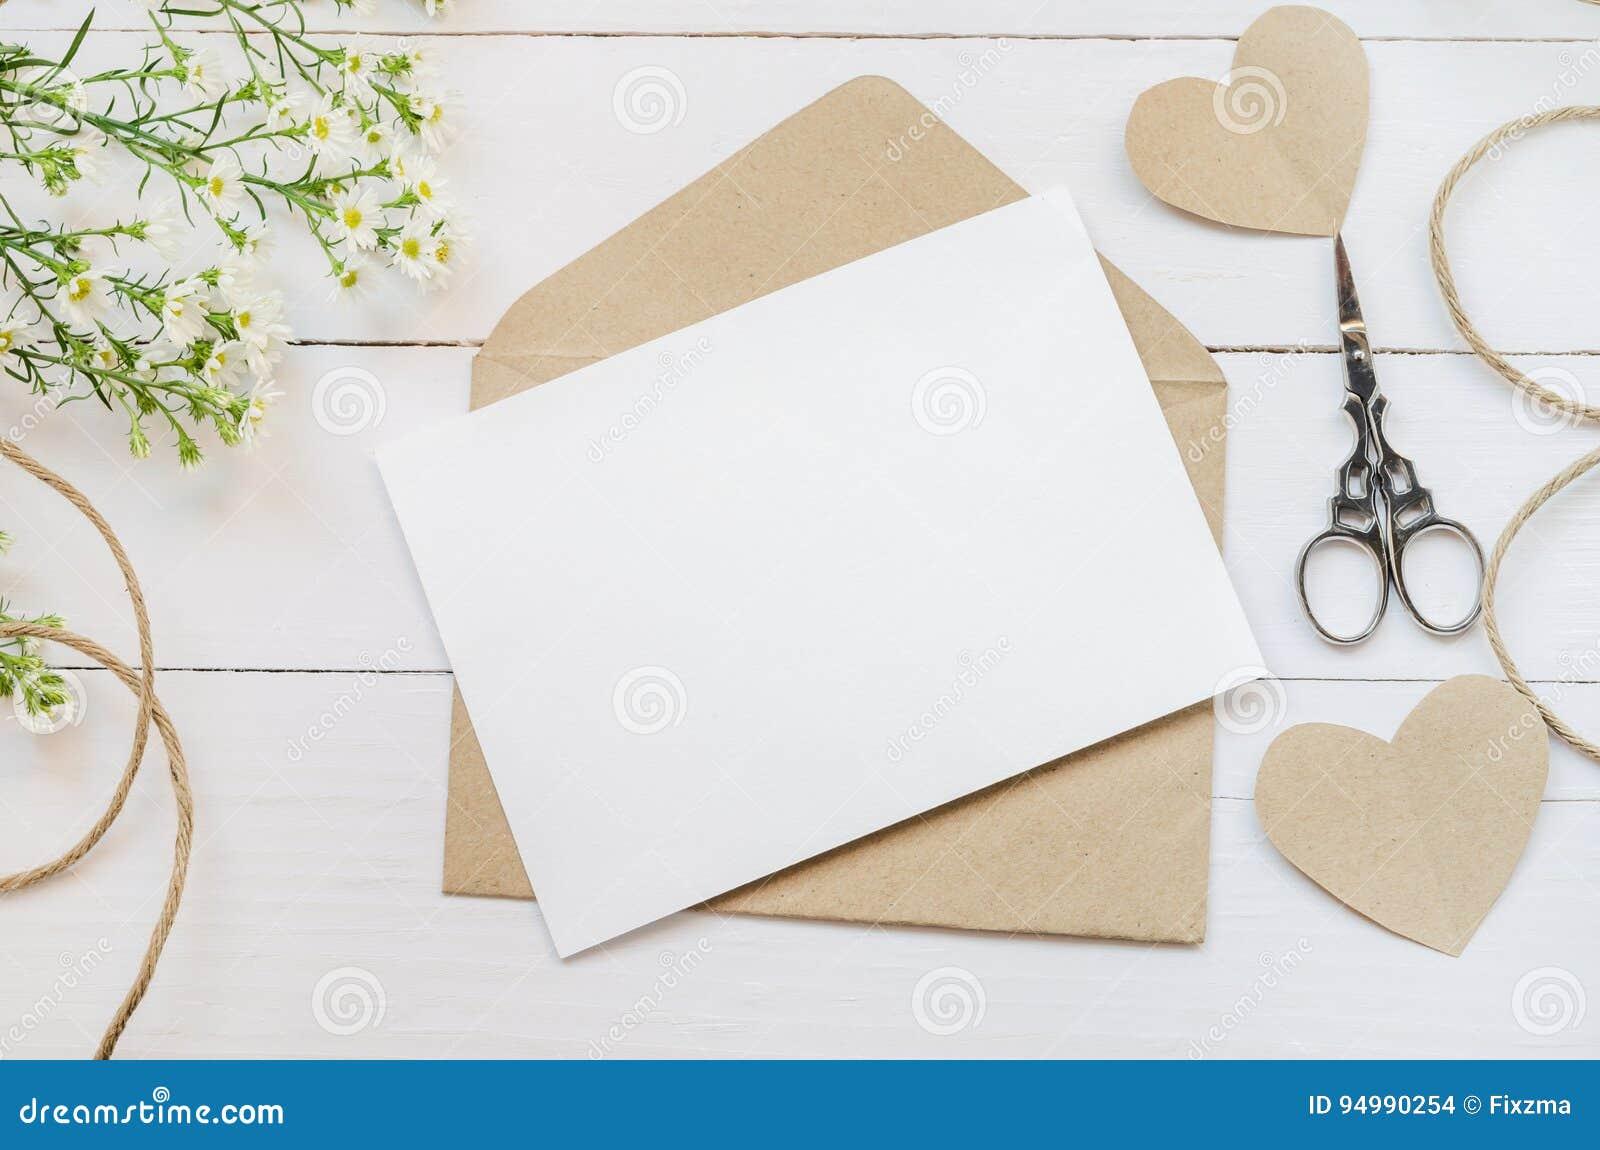 Leere Weiße Grußkarte Mit Braun Schlagen Ein Stockfoto - Bild von ...